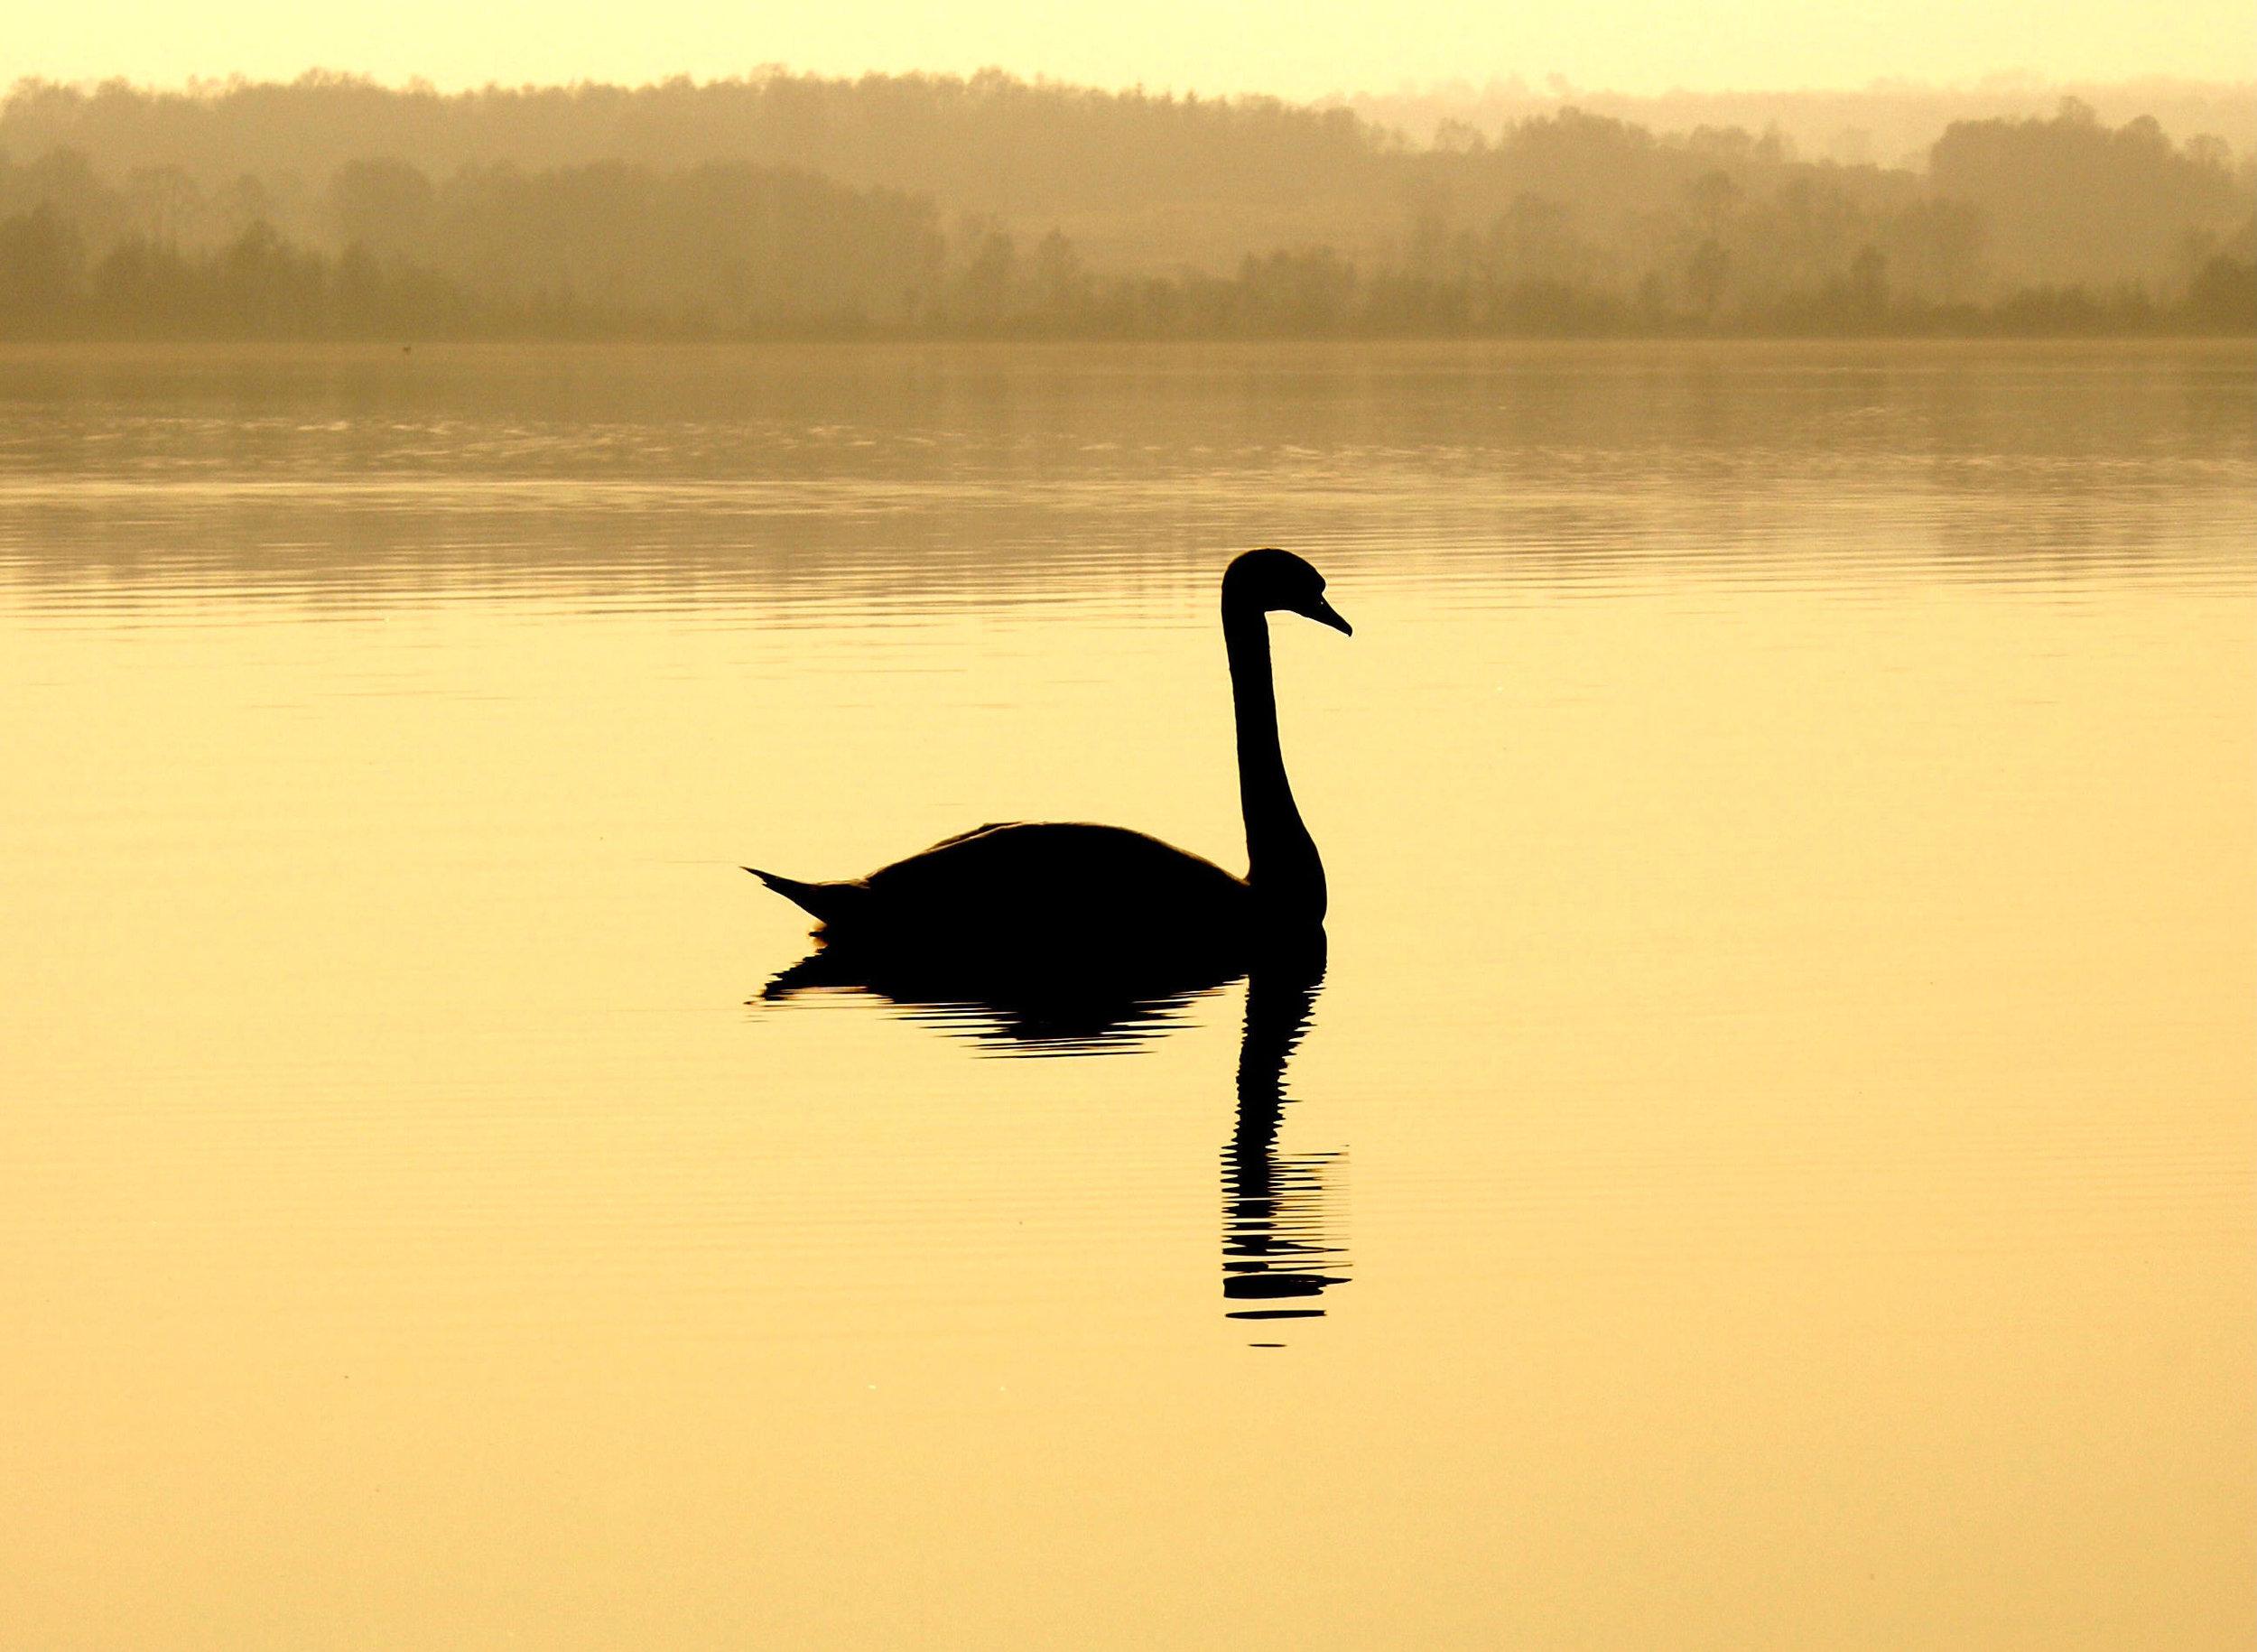 swan golden lake silhouette.jpg